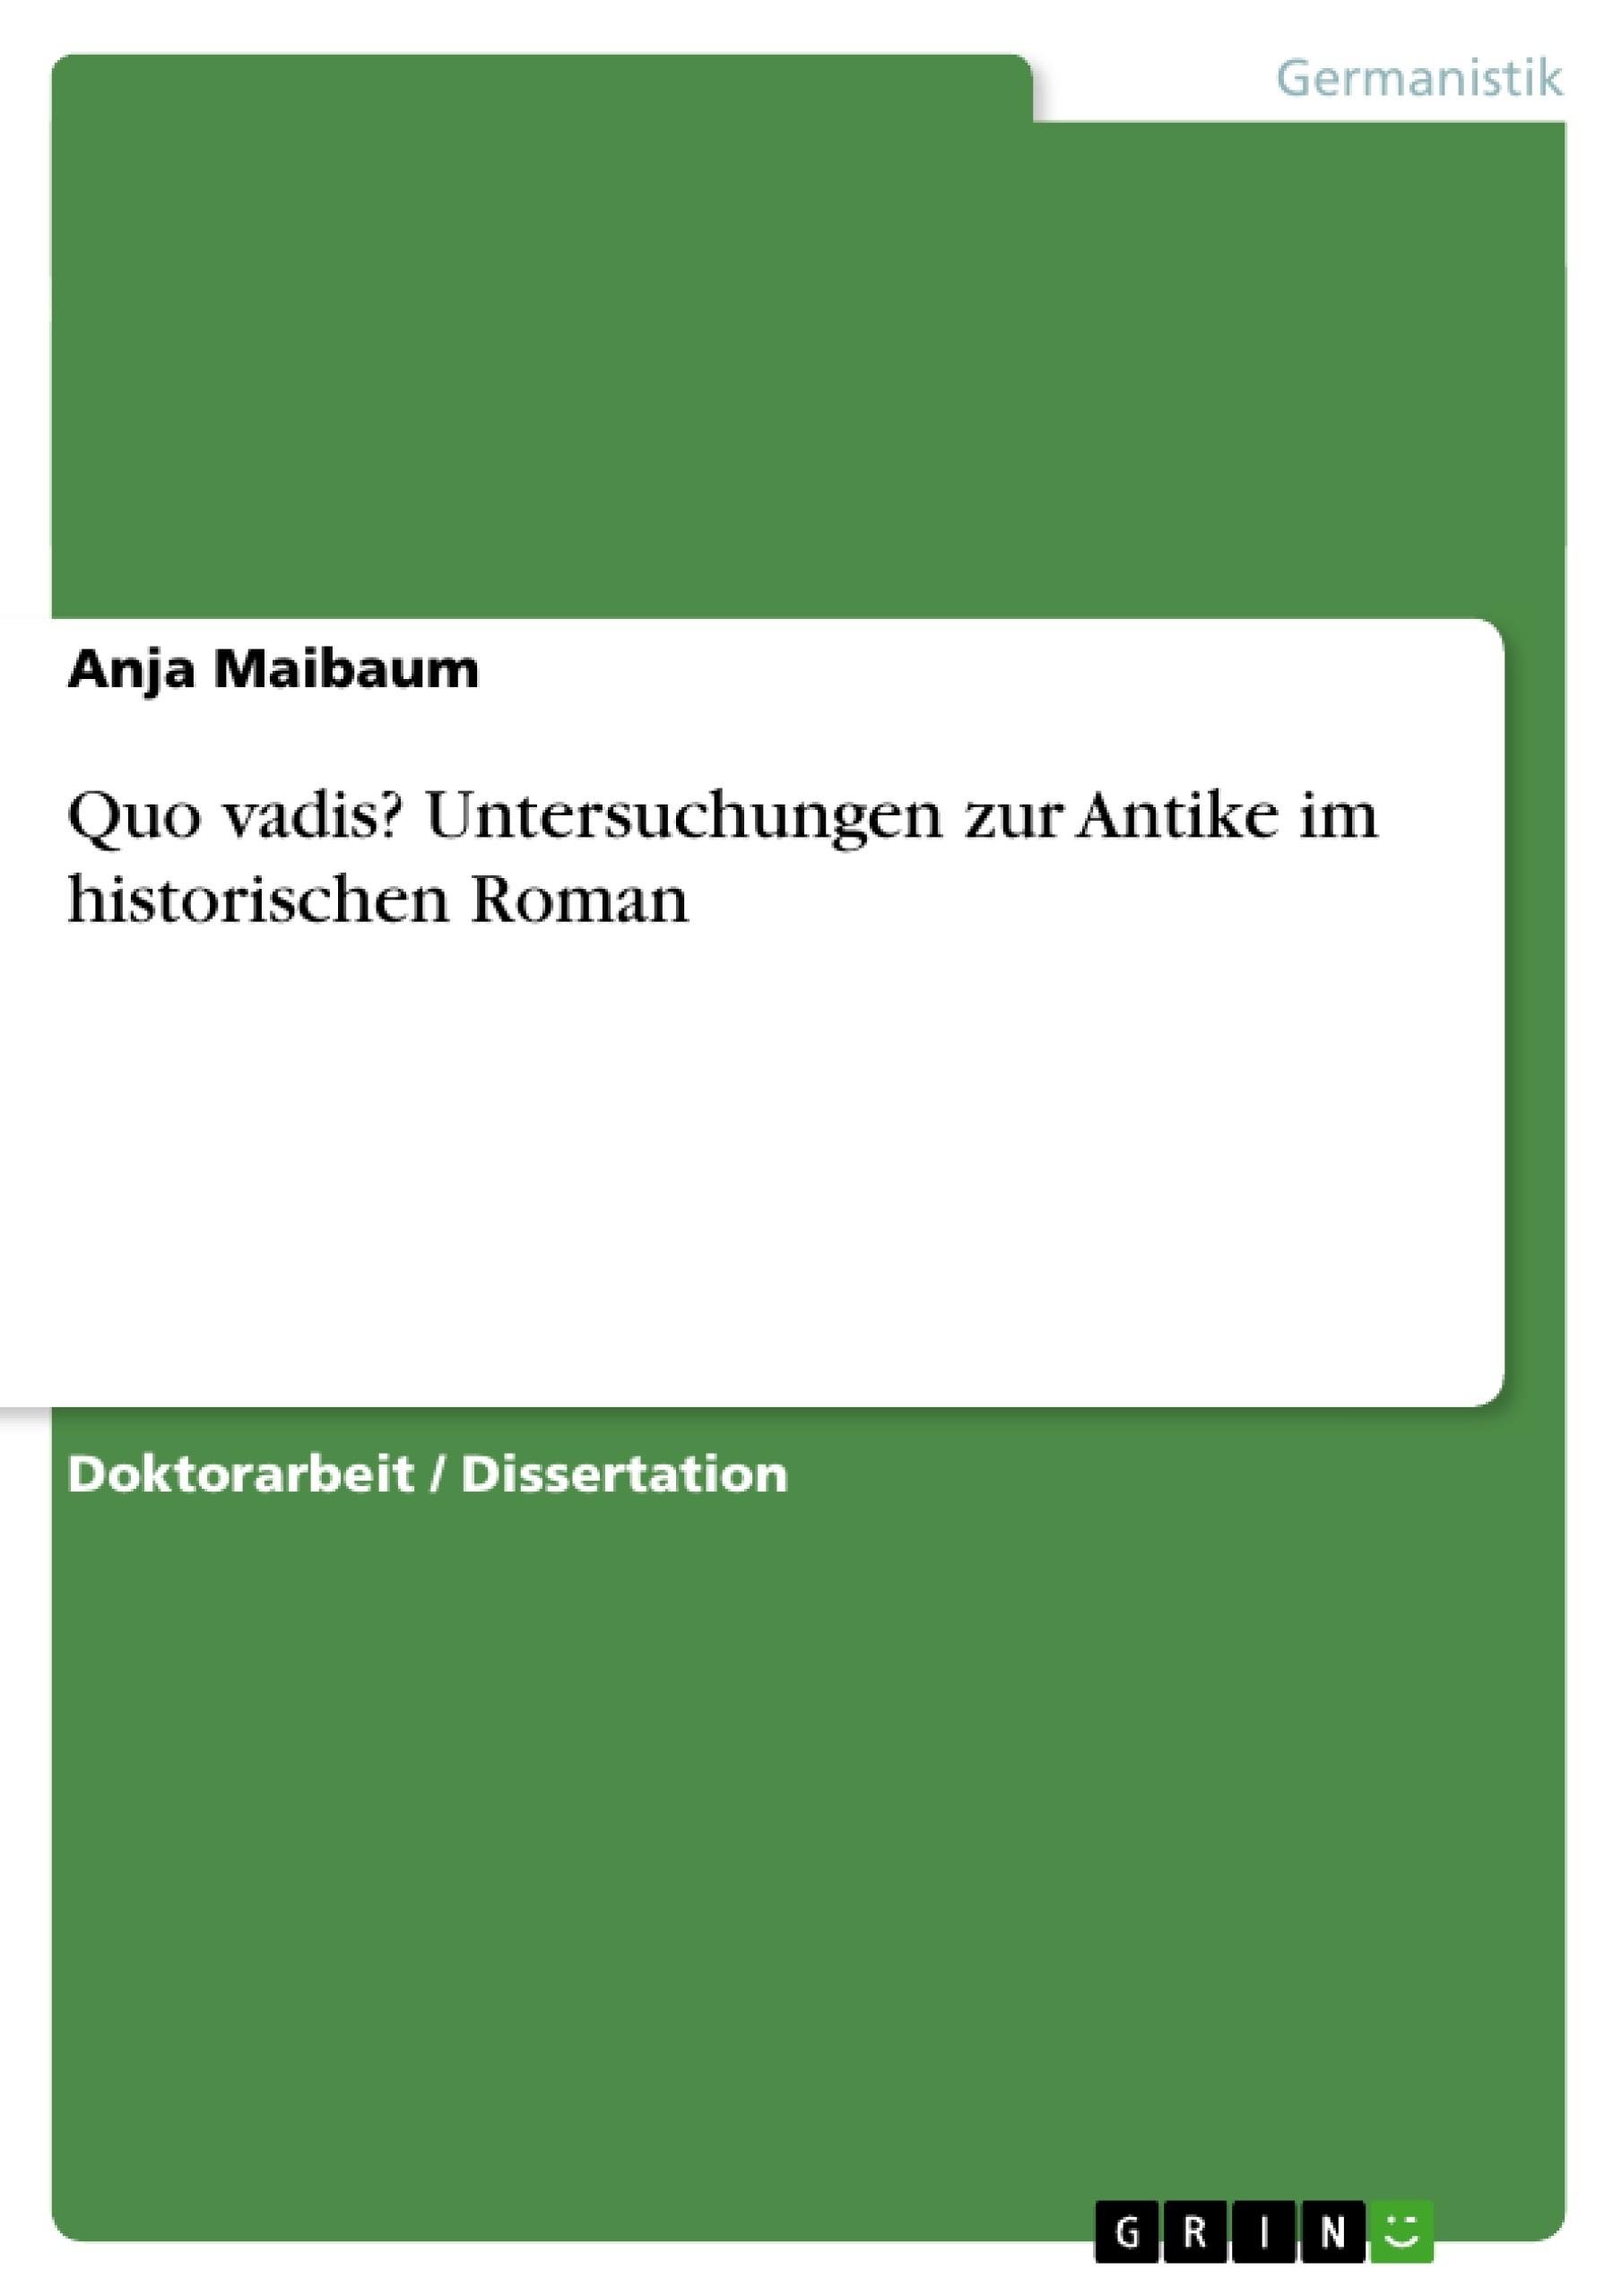 Titel: Quo vadis? Untersuchungen zur Antike im historischen Roman